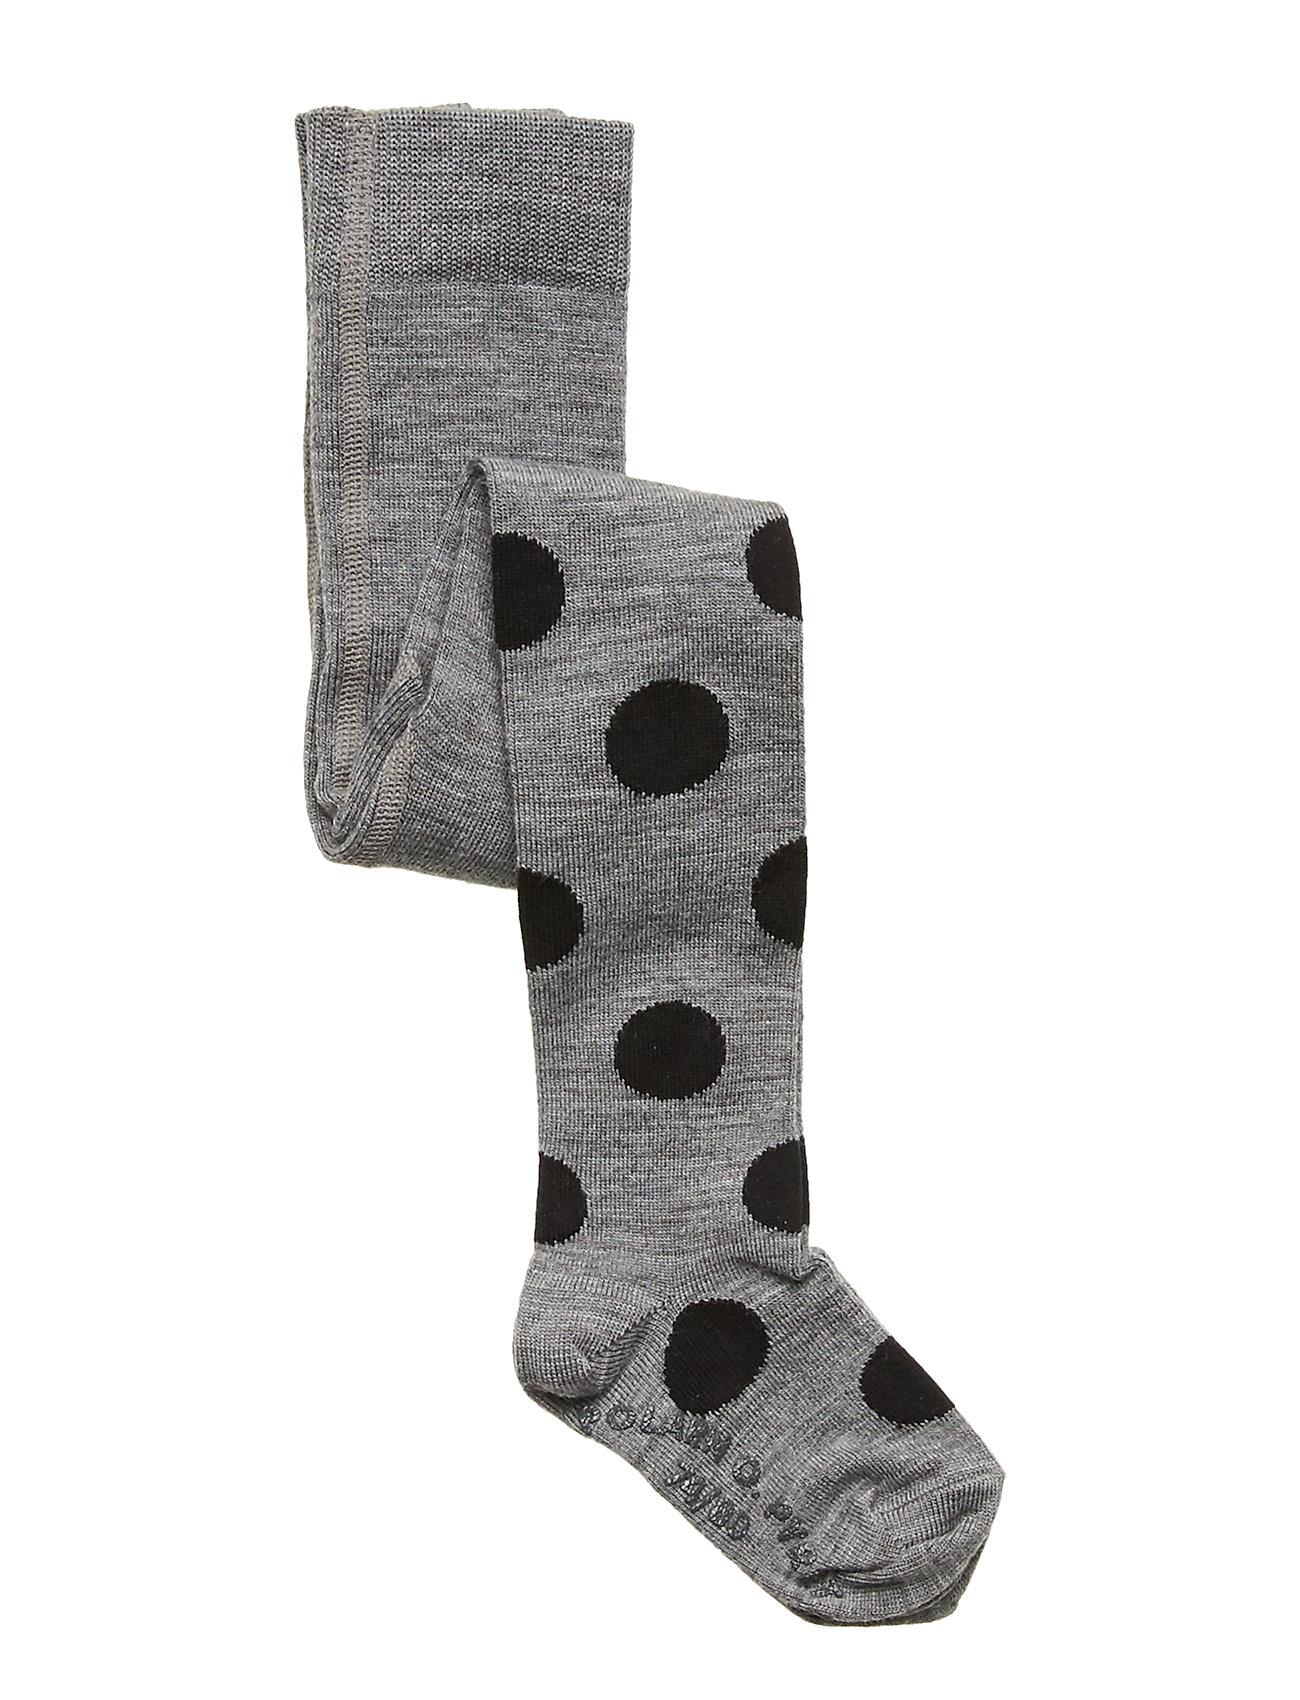 Polarn O. Pyret Tights Wool Jaquard Preschool - GREYMELANGE